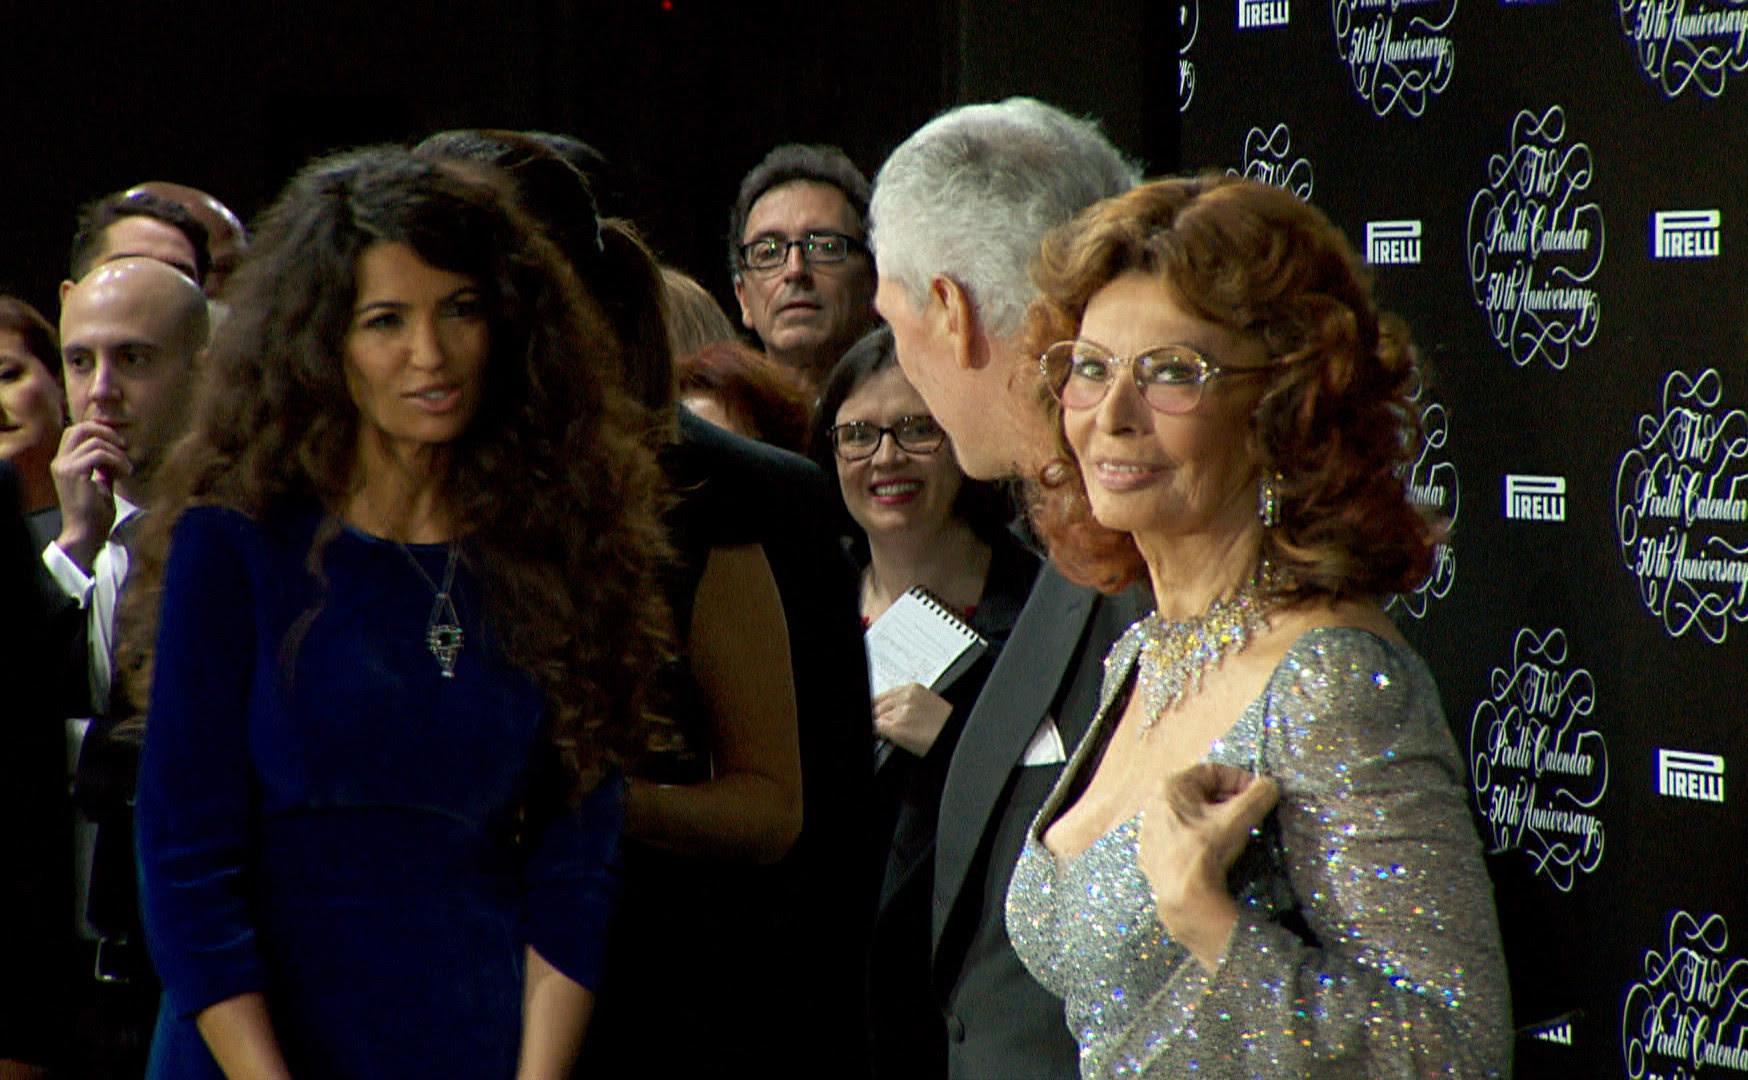 Sophia Loren no lançamento da 50ª edição do Calendário Pirelli, em Milão (Foto: GloboNews)